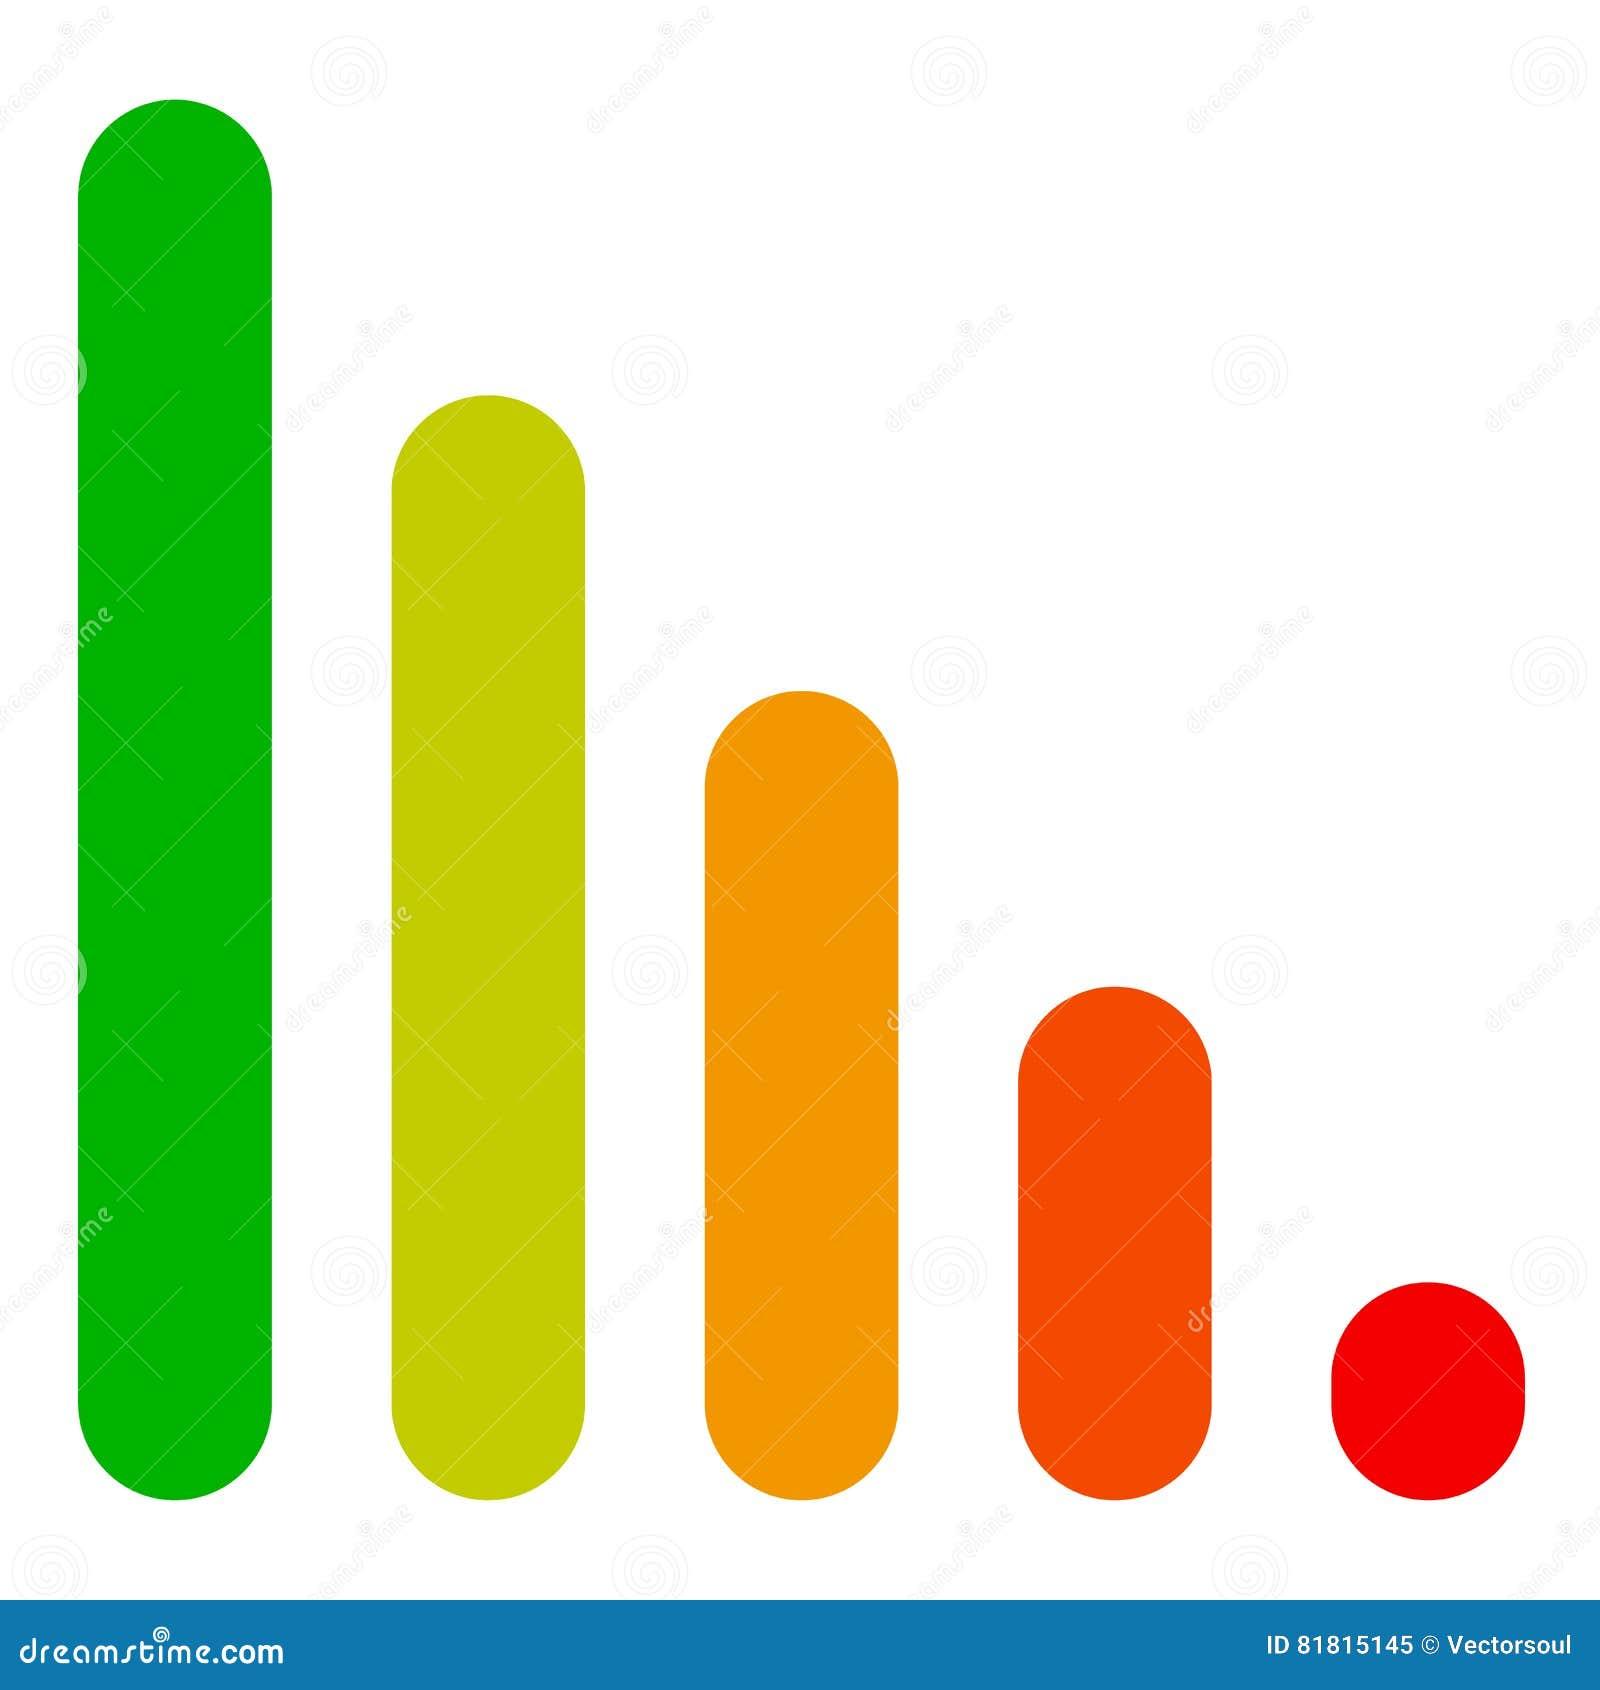 Символ диаграммы в виде вертикальных полос/столбчатой диаграммы Округленная диаграмма прямоугольника